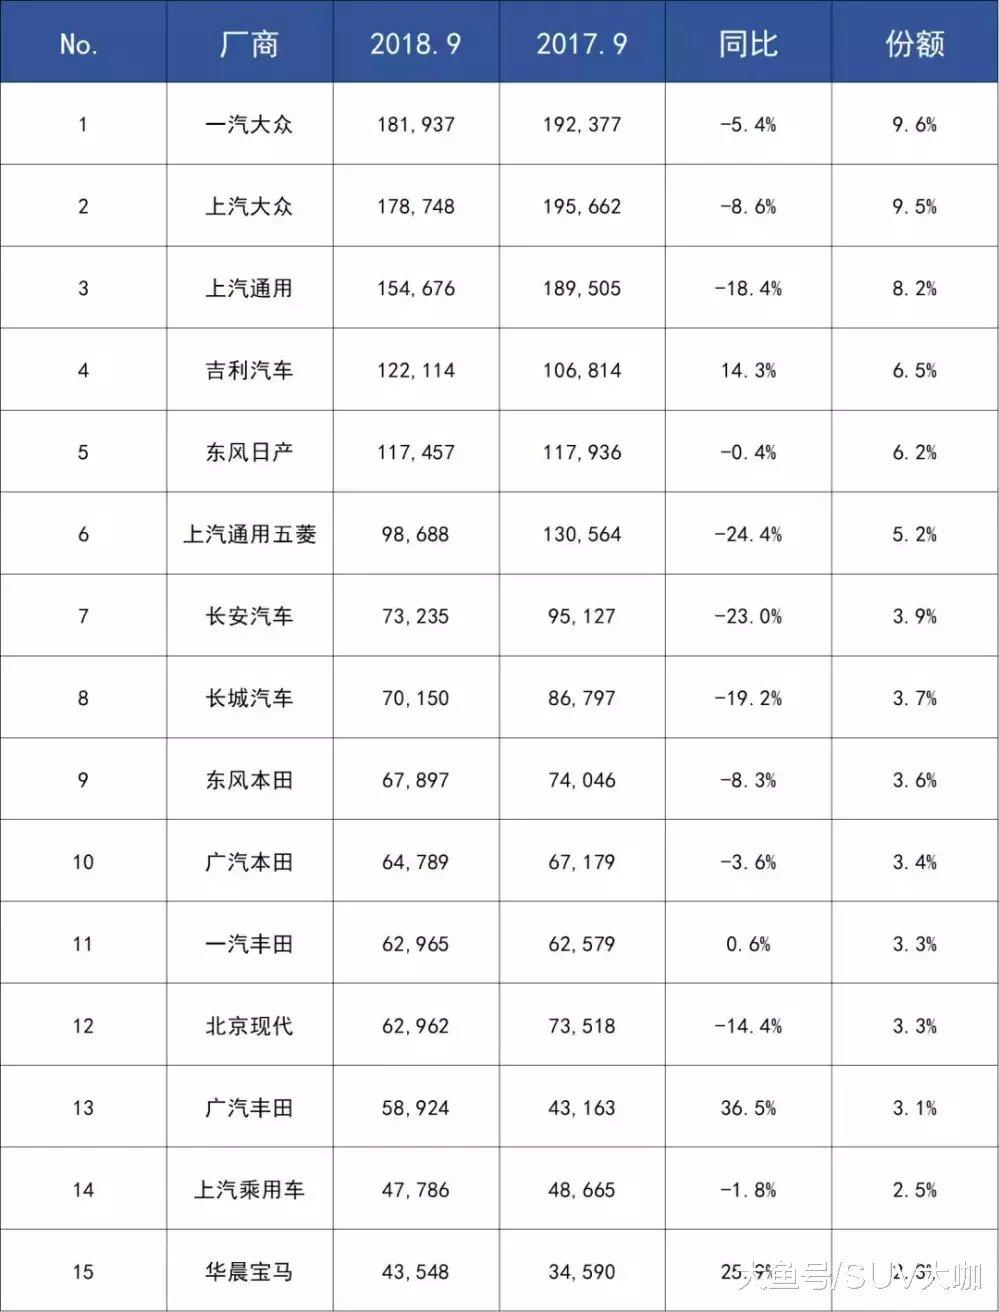 """9月车企销量前十""""大洗牌""""- 韩系车凉凉, 只有一家成人生赢家!_汽车"""